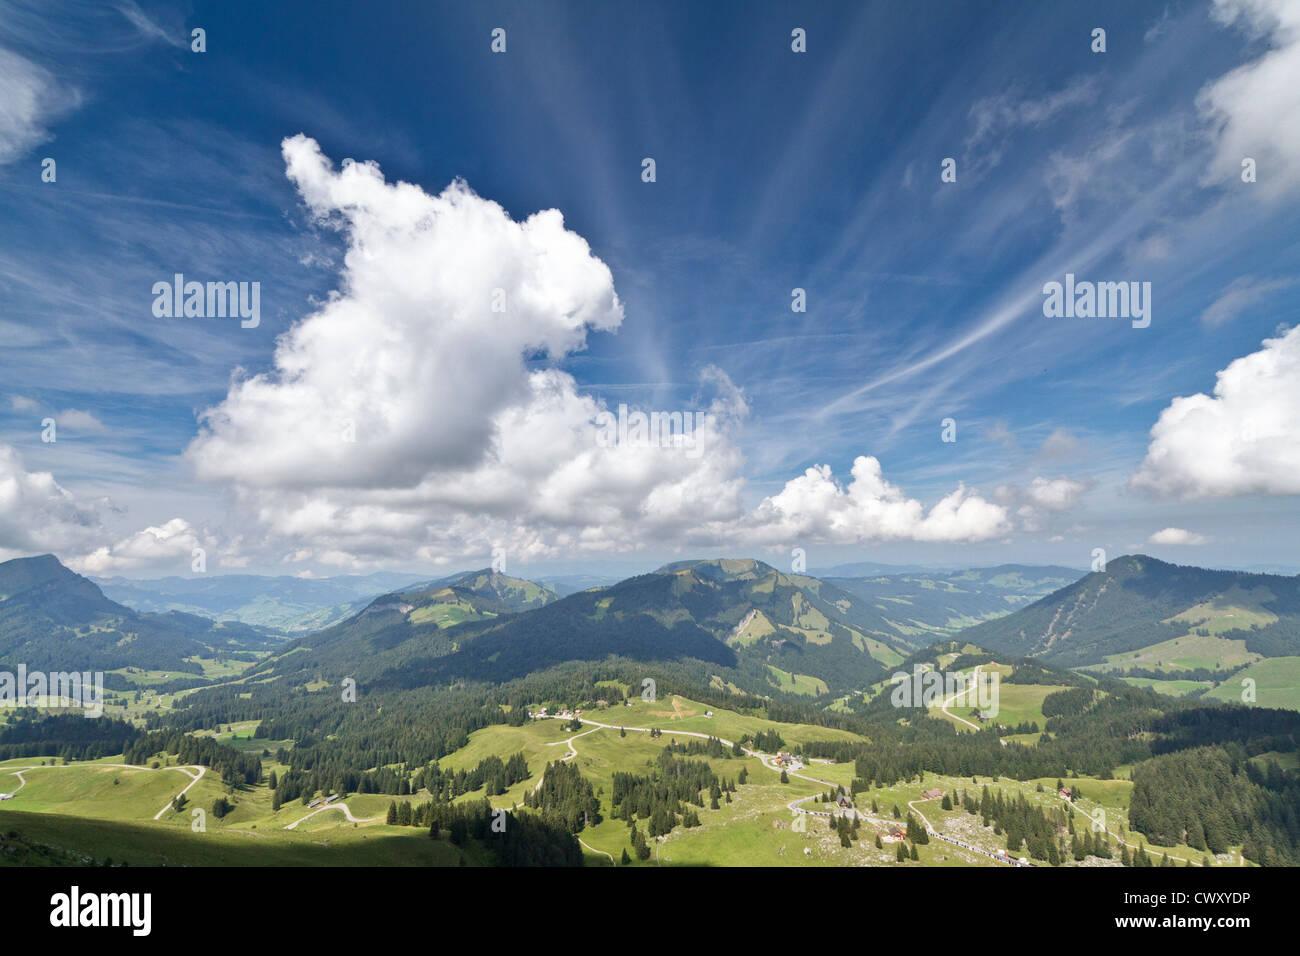 Während Säntis in den Schweizer Alpen aufsteigend und Rückblick auf den saftigen grünen Weiden Stockbild